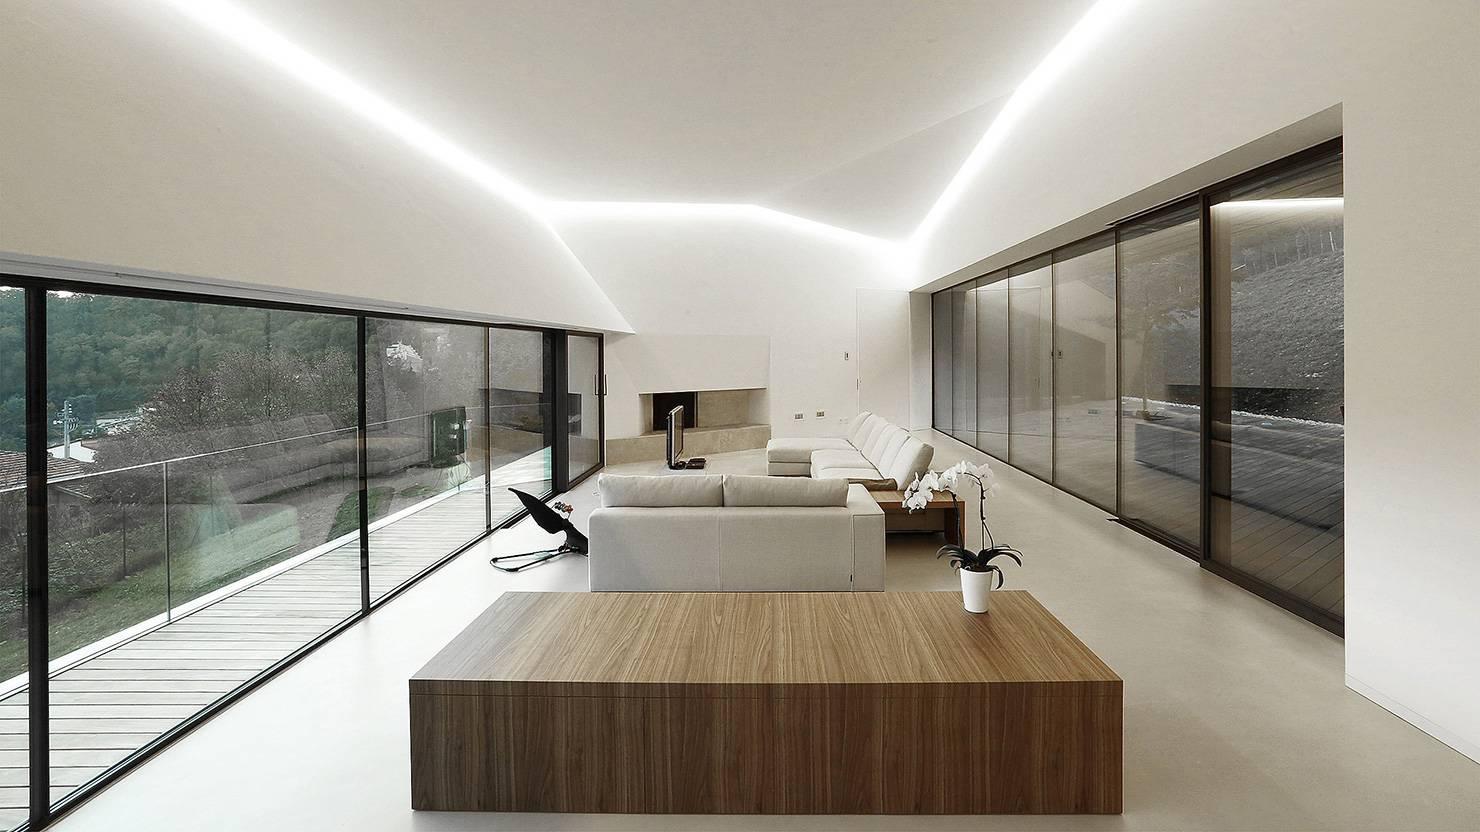 EBE85AS-acciaio-zincato-serramenti-camillo-botticini-architect-seccosistemi-6_project_big